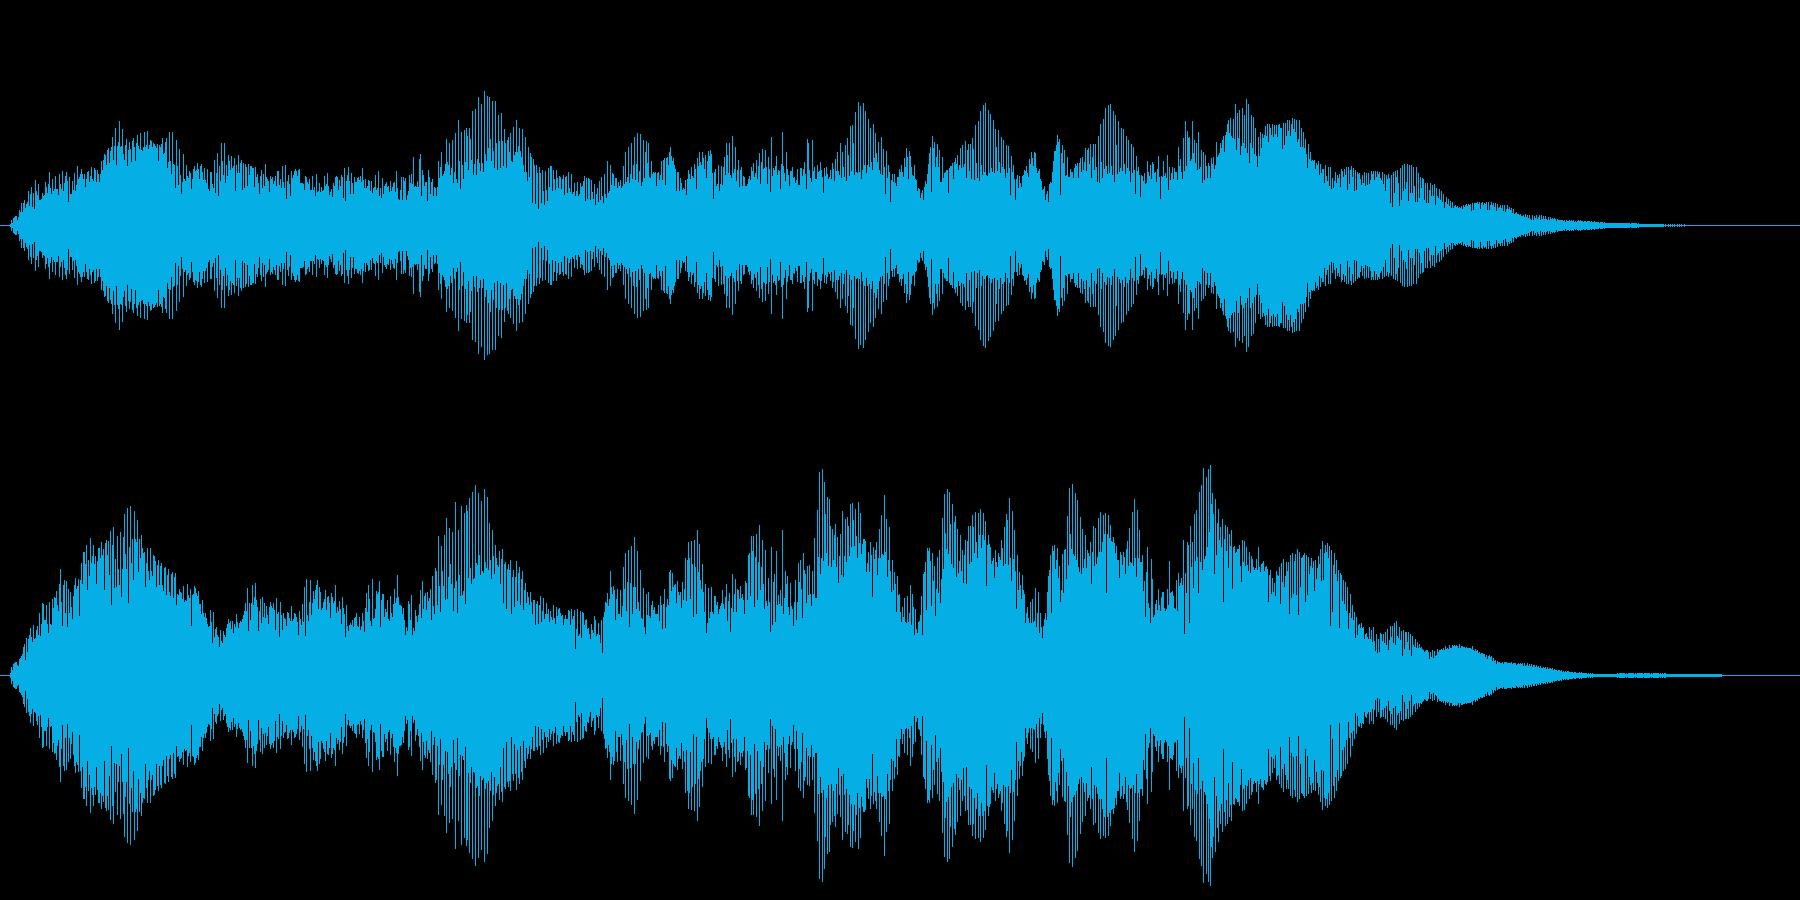 栄光 勝利のファンファーレ シンプル版の再生済みの波形